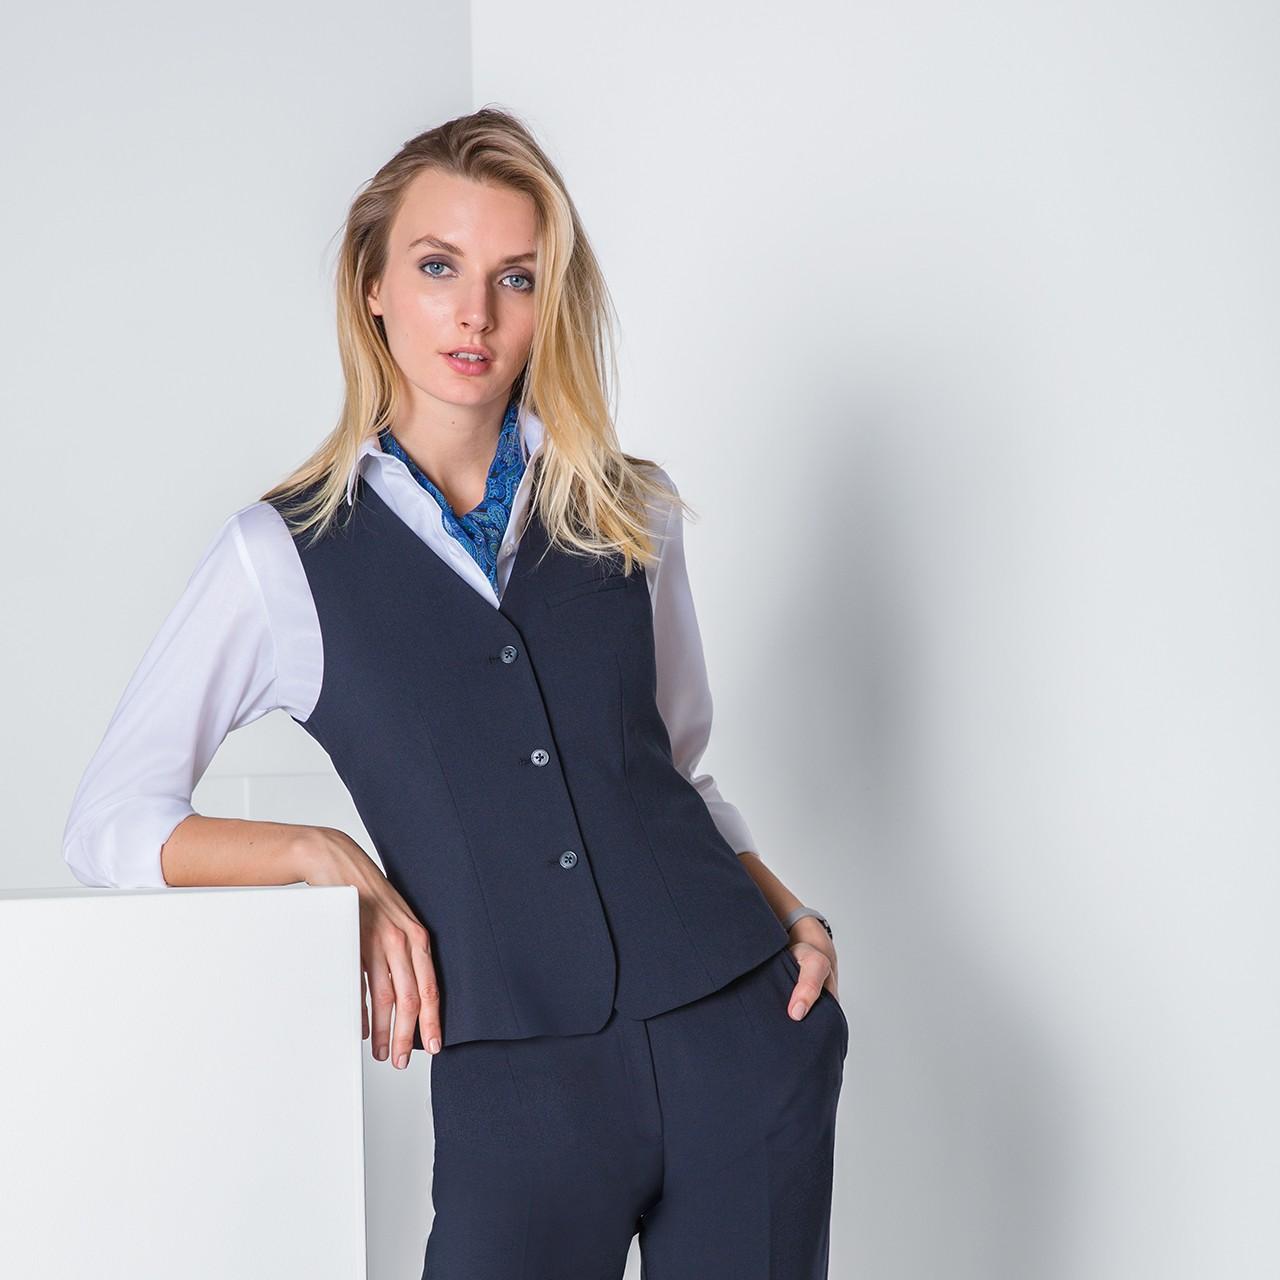 Damen Weste Premium Comfort Fit Greiff® | bedrucken, besticken, bedrucken lassen, besticken lassen, mit Logo |